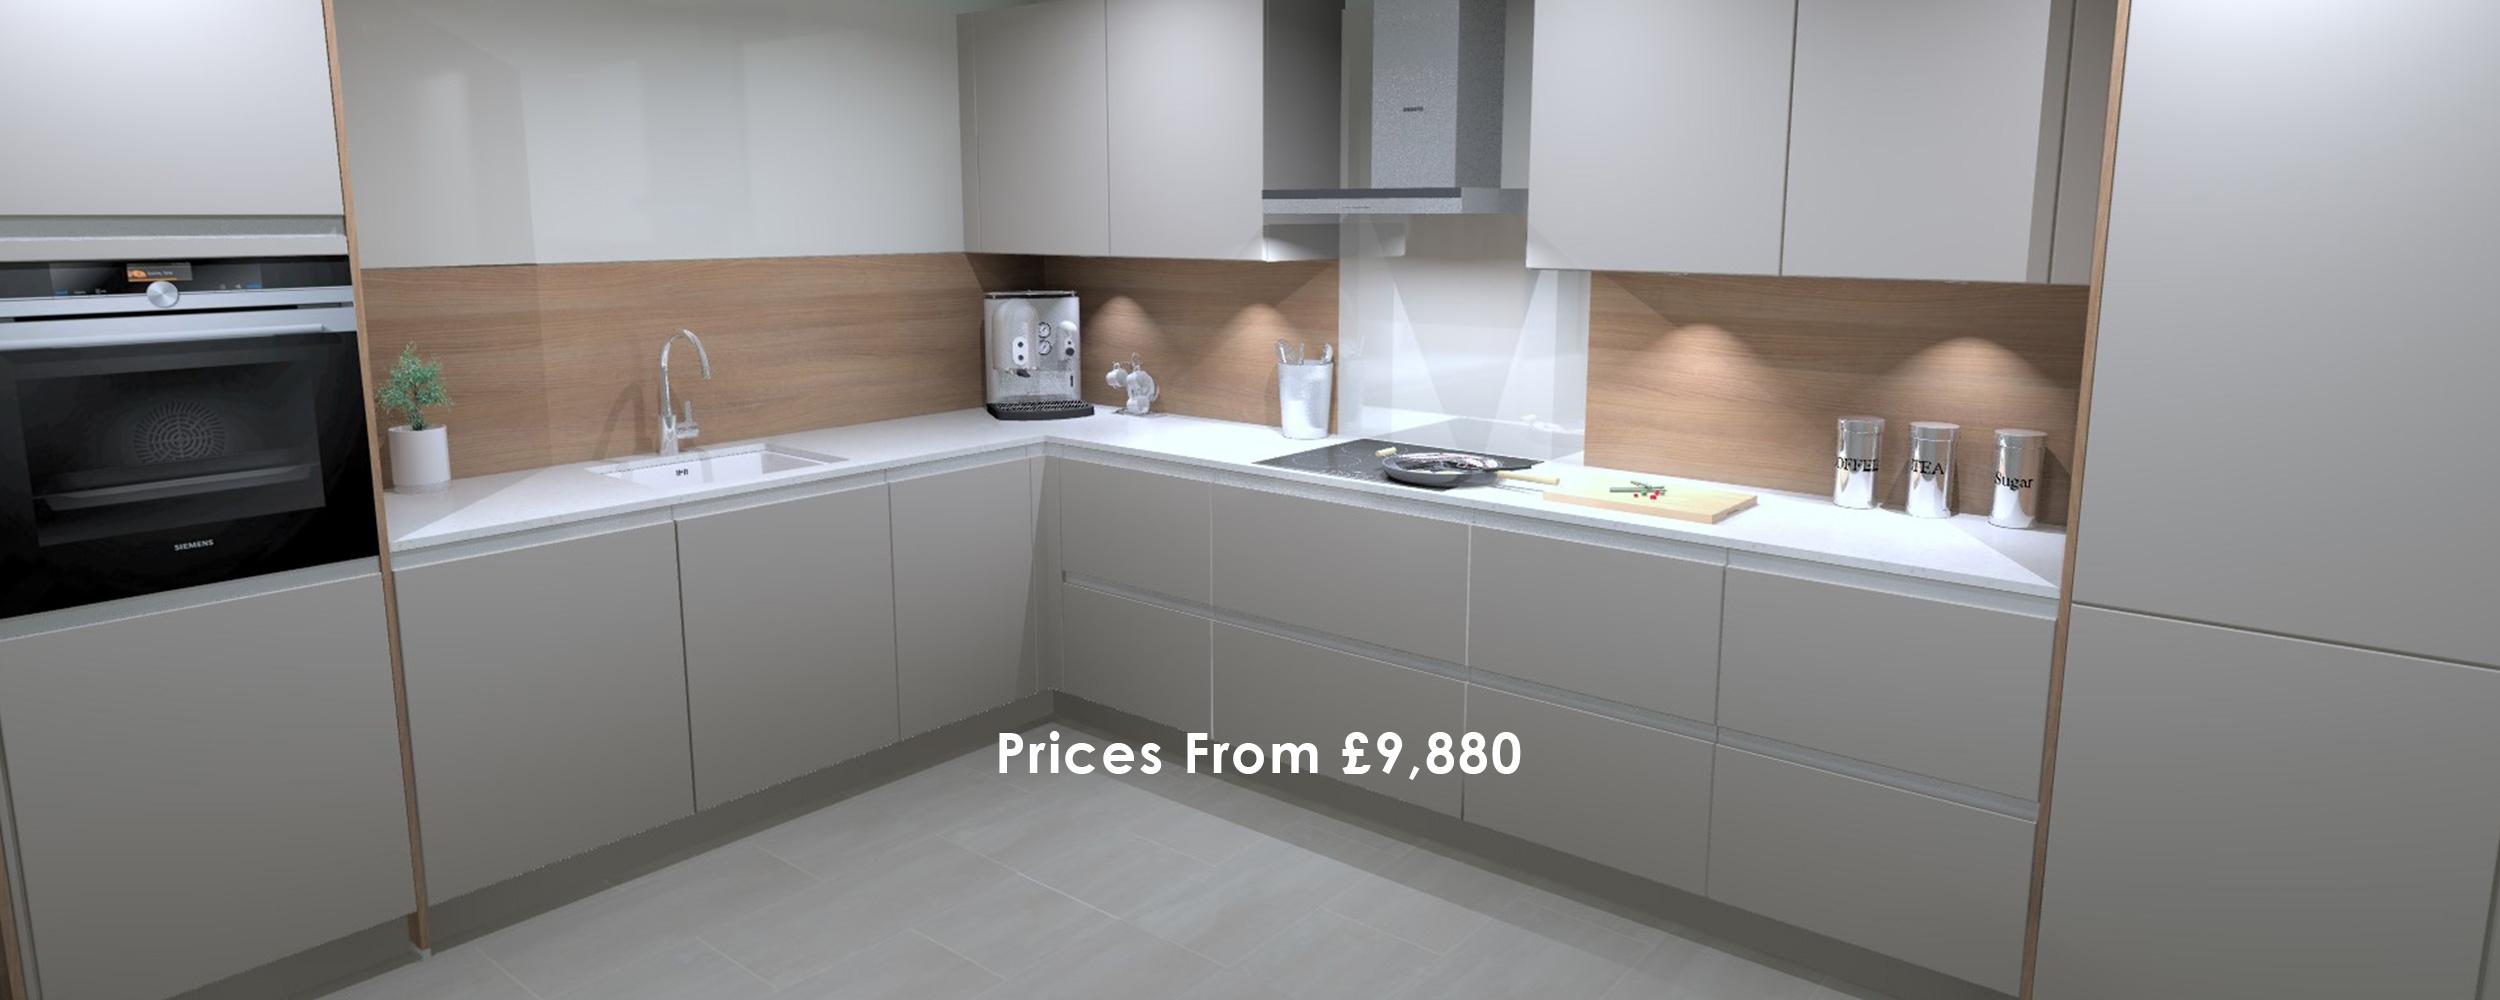 Kitchen Price Examples